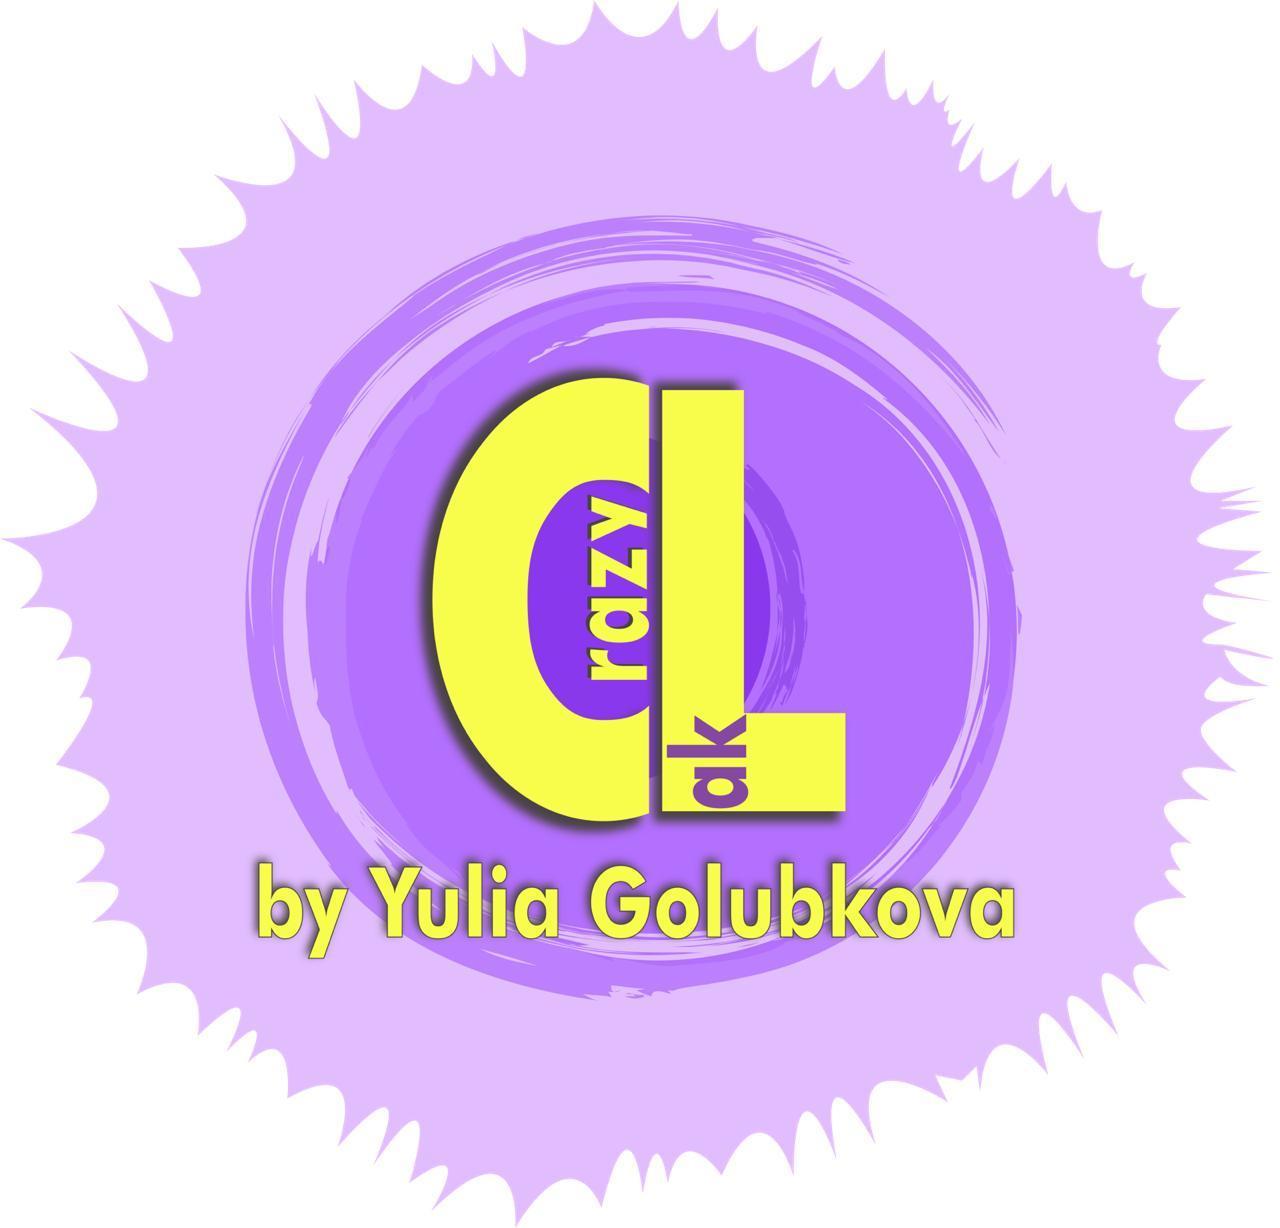 CRAZY-LAK от Юлии Голубковой